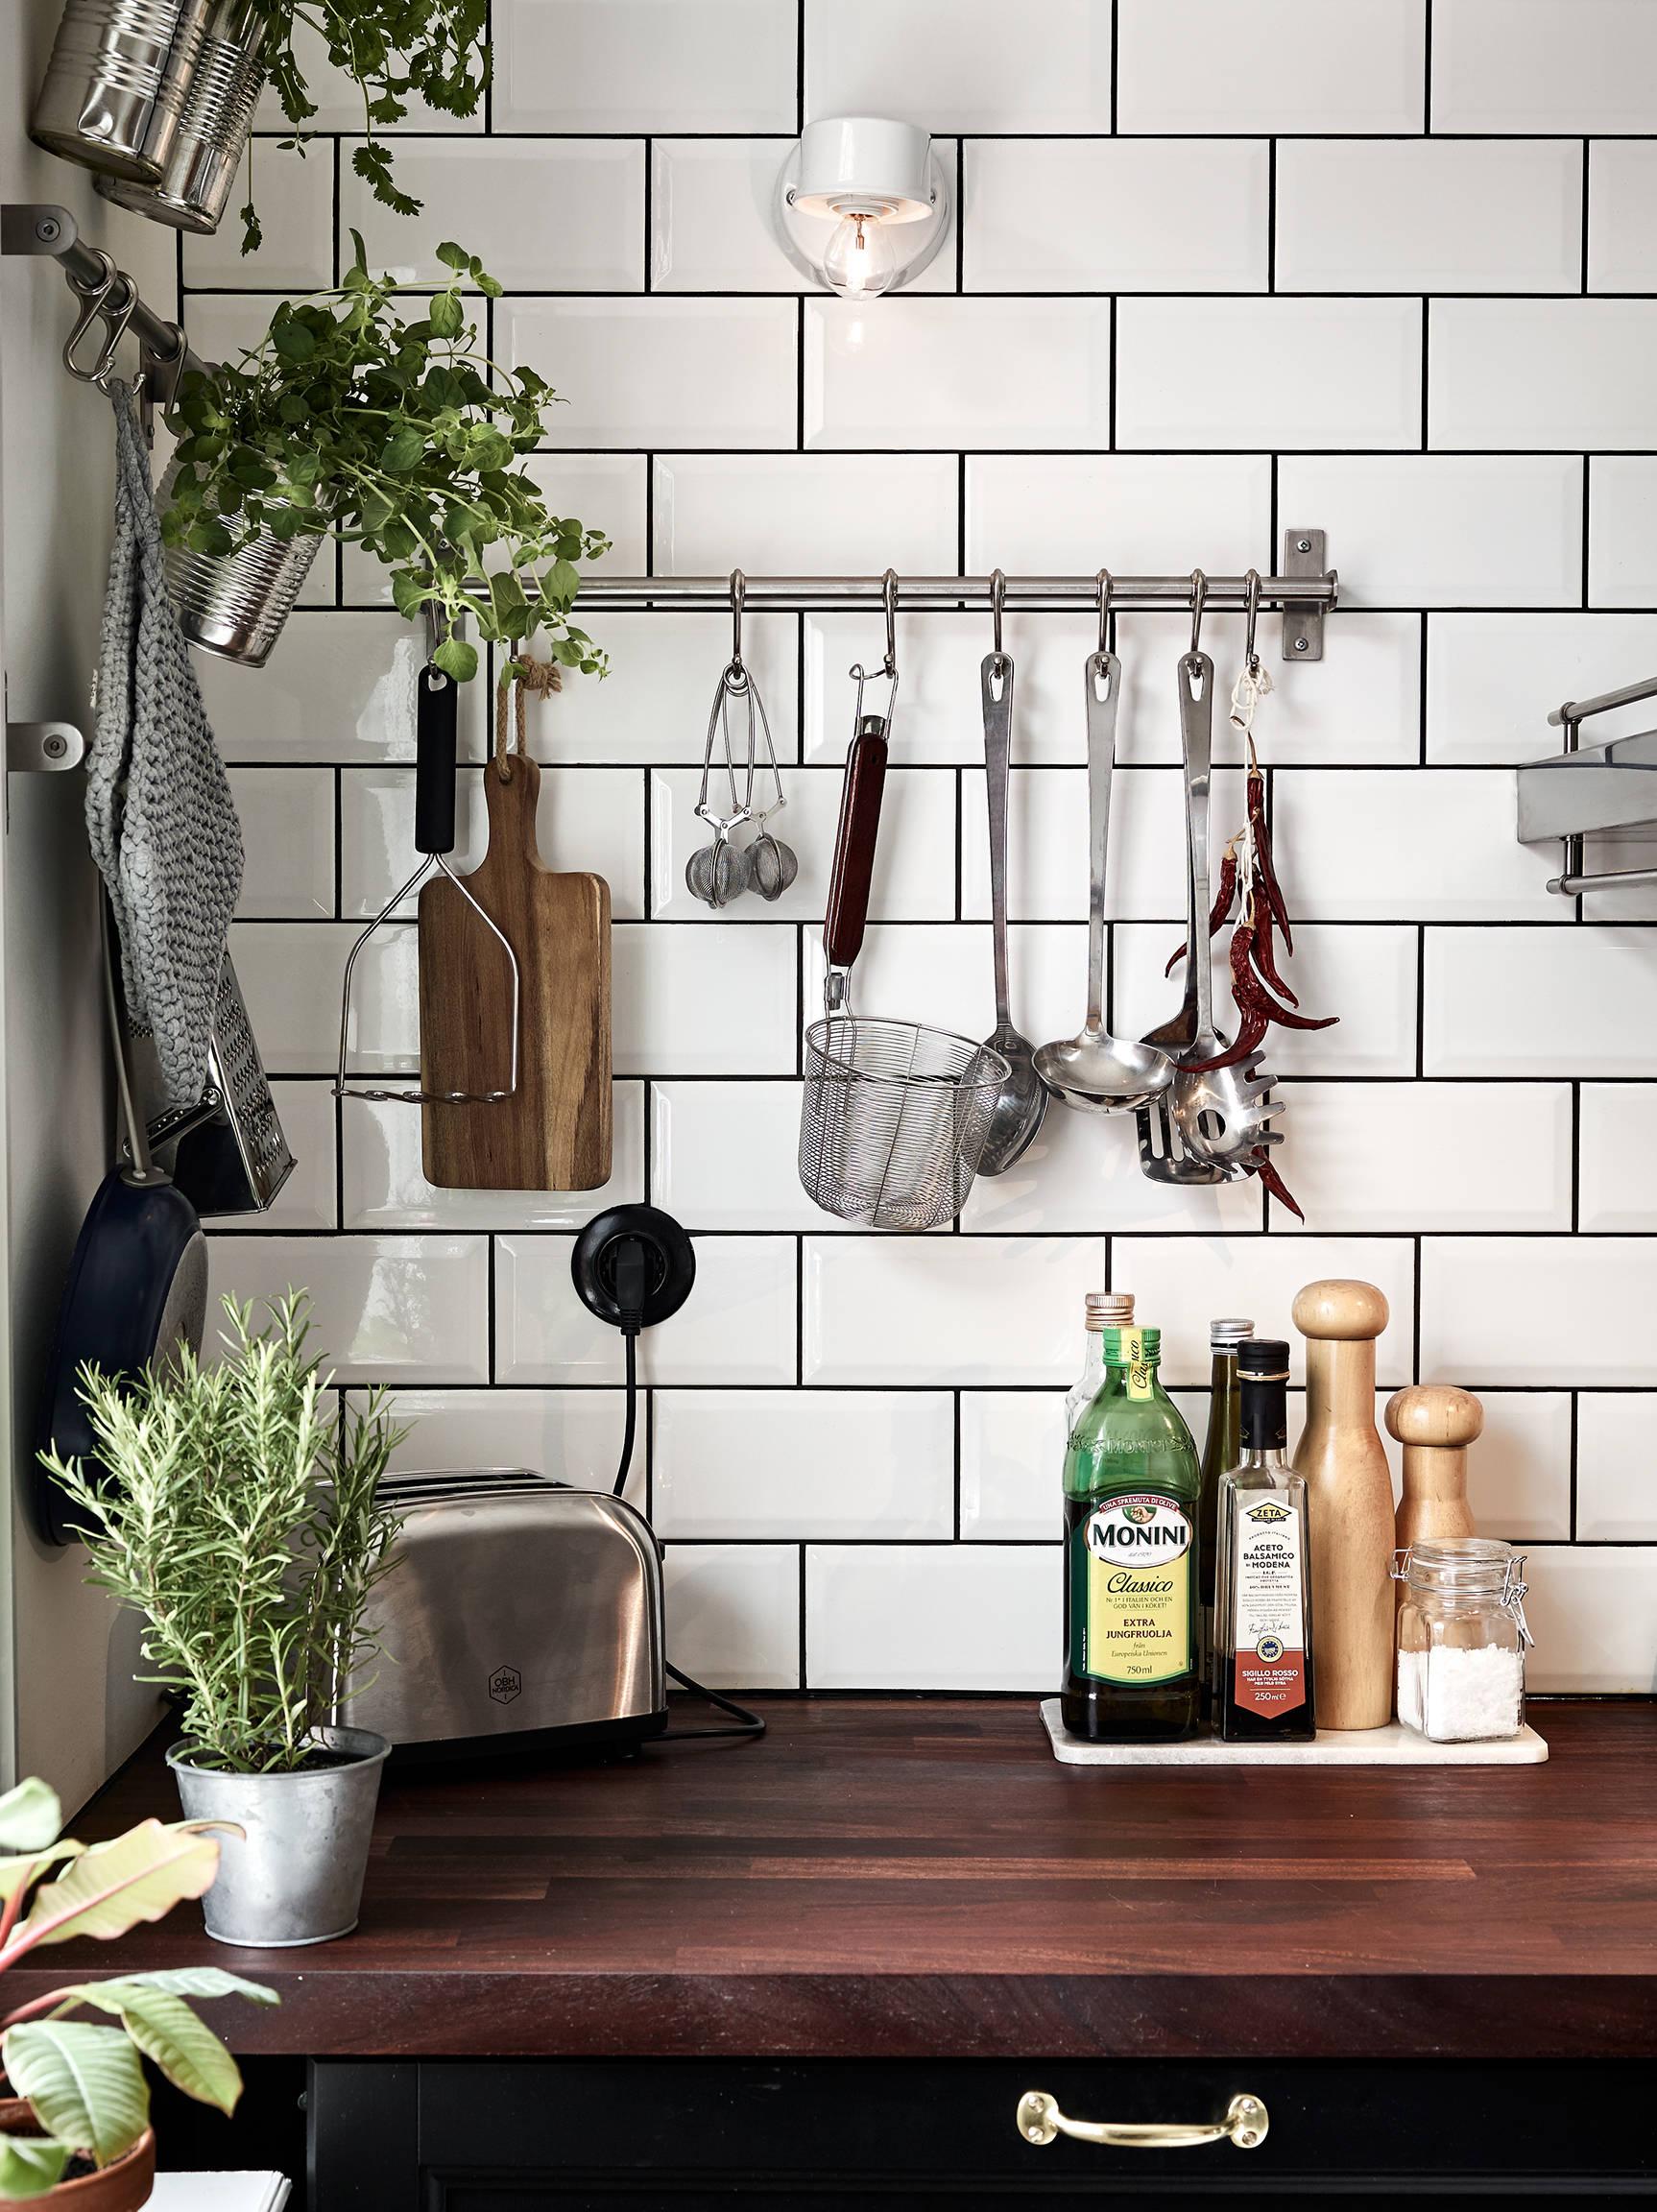 Una cocina n rdica country interiores chic blog de decoraci n n rdica - Piastrelle cucina nere ...